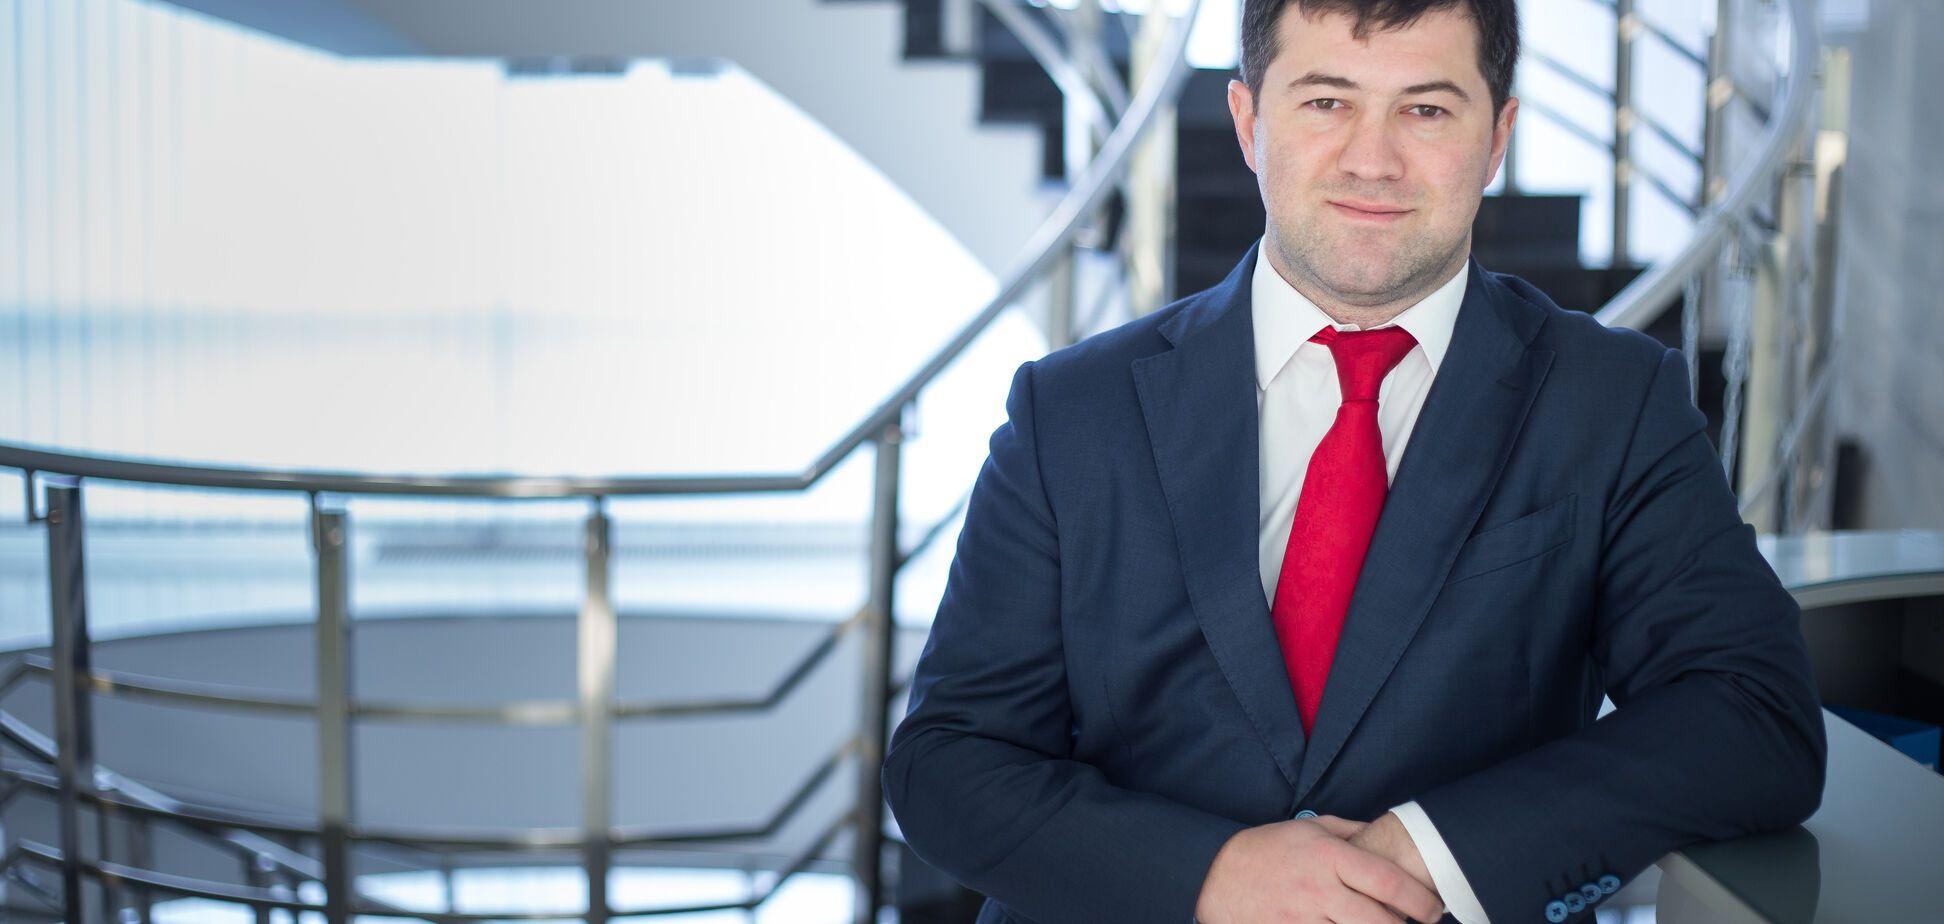 Незаконне рішення Кабміну про звільнення оскаржу у суді і доведу незаконність - Насіров